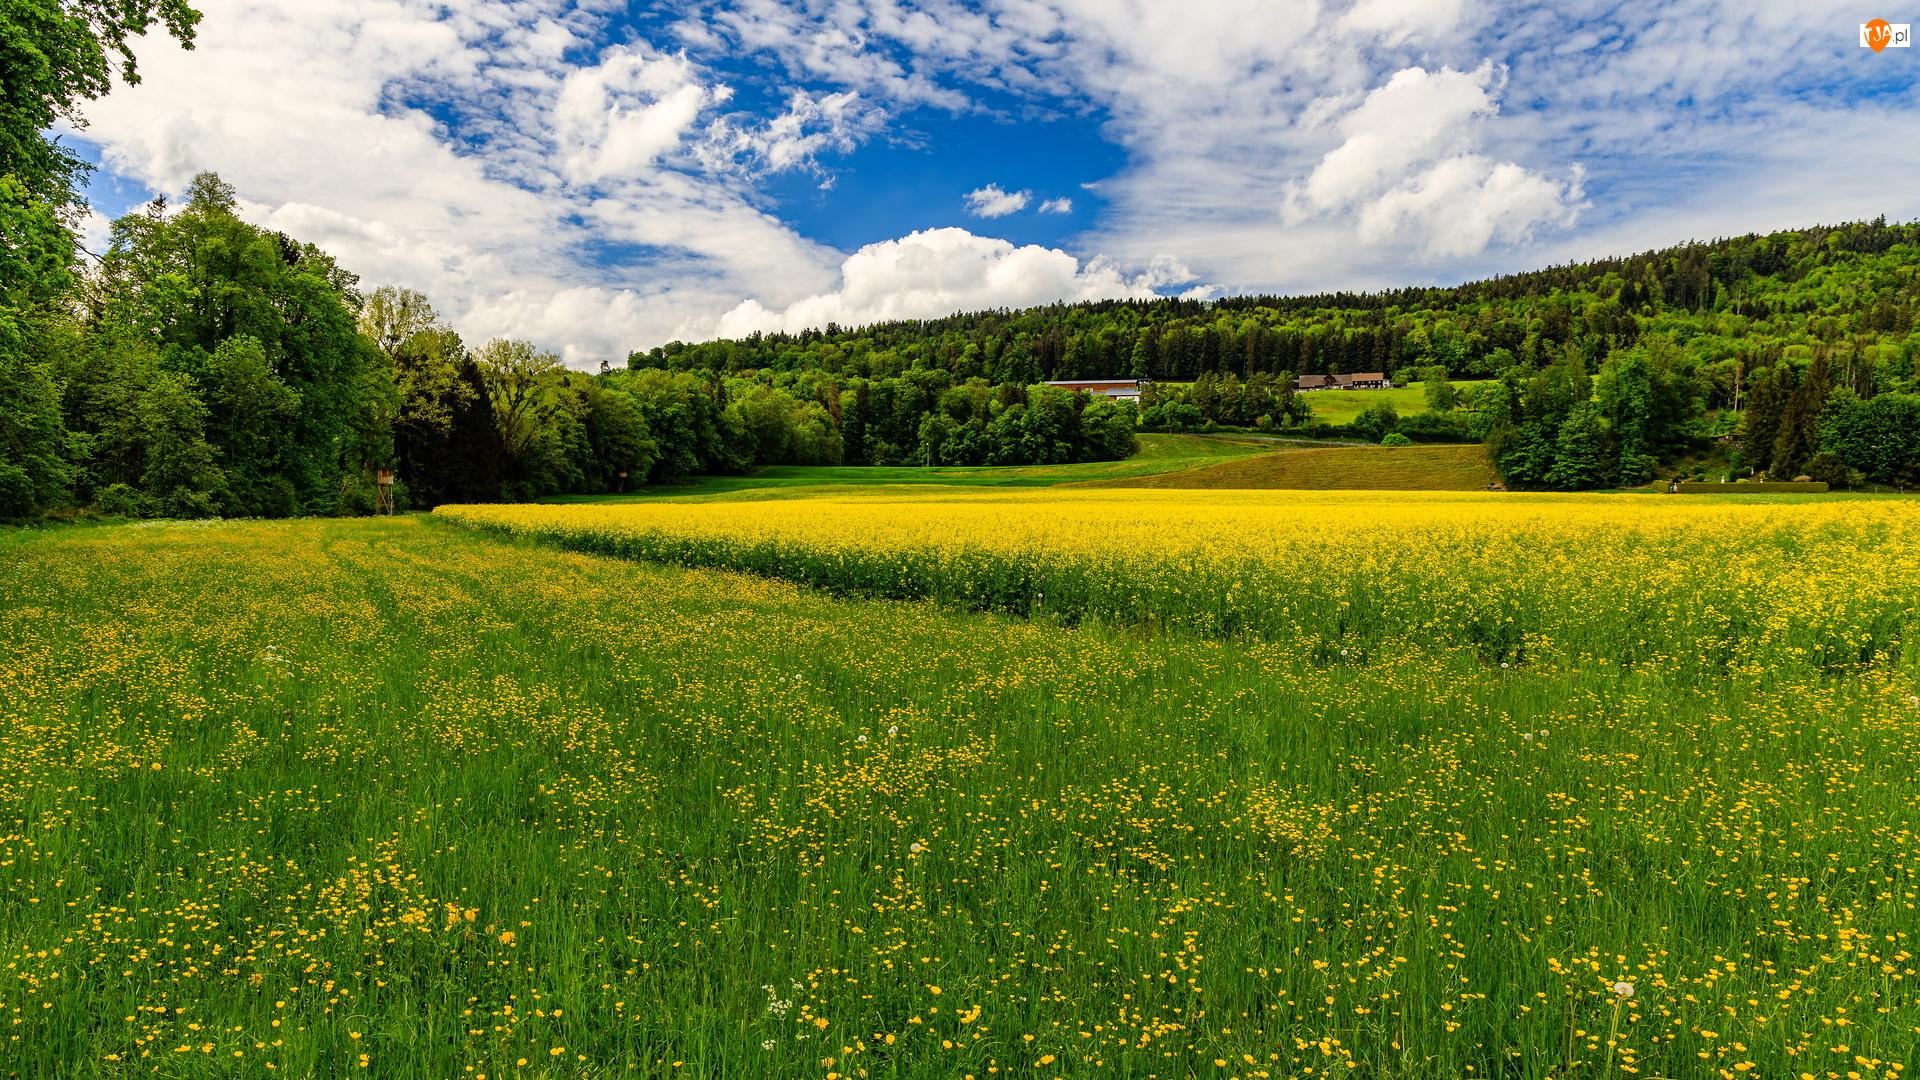 Łąka, Żółte, Drzewa, Wiosna, Rzepak, Pole, Kwiaty